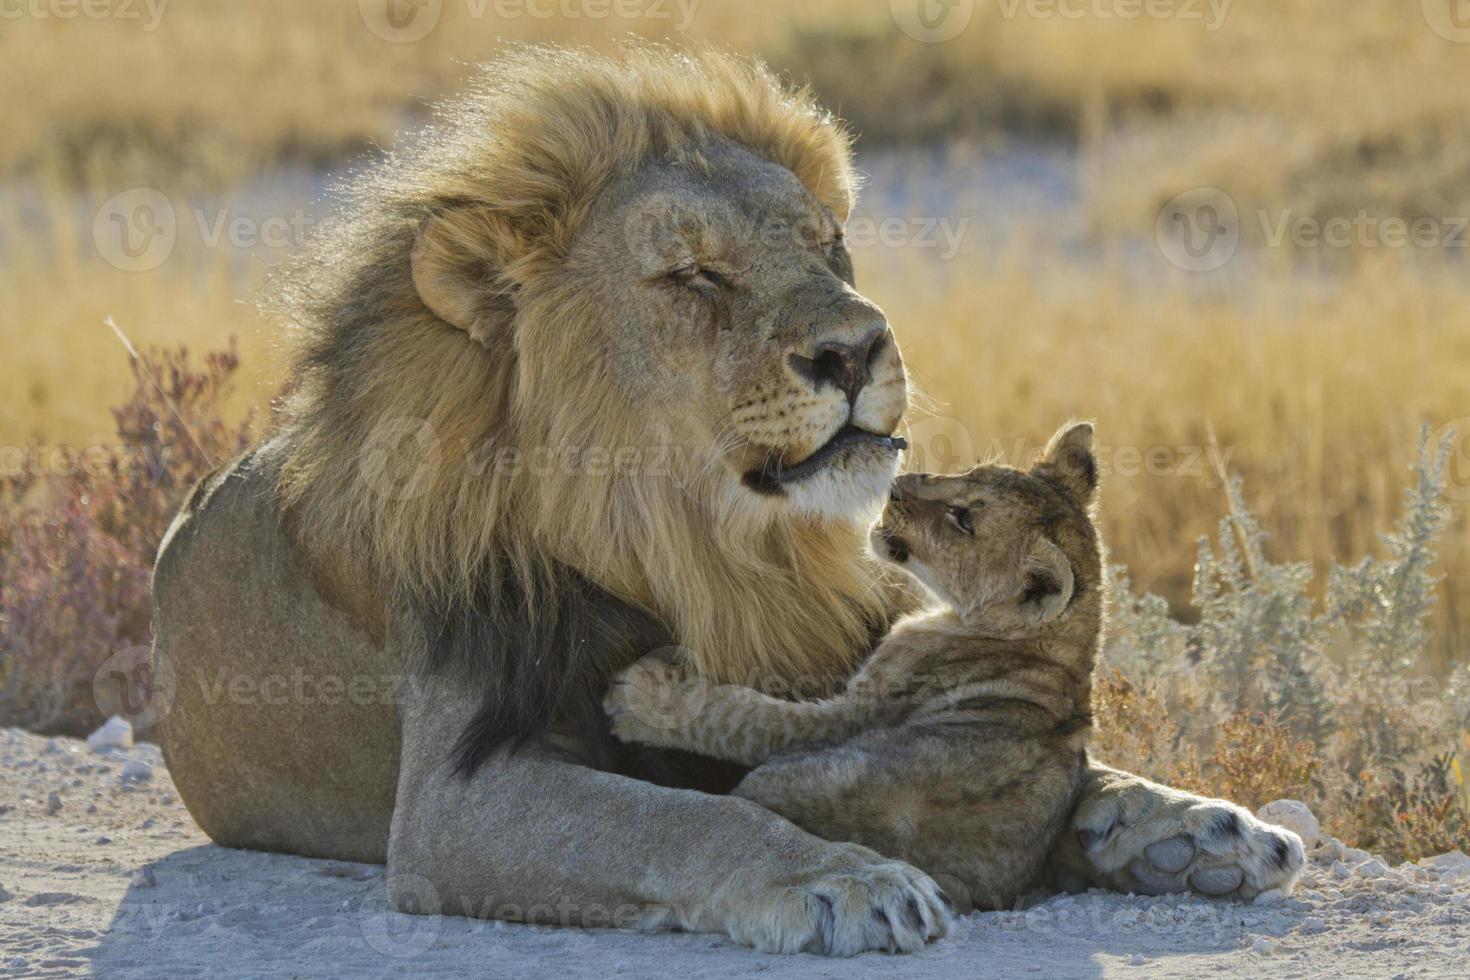 loewe, panthera leo, león foto